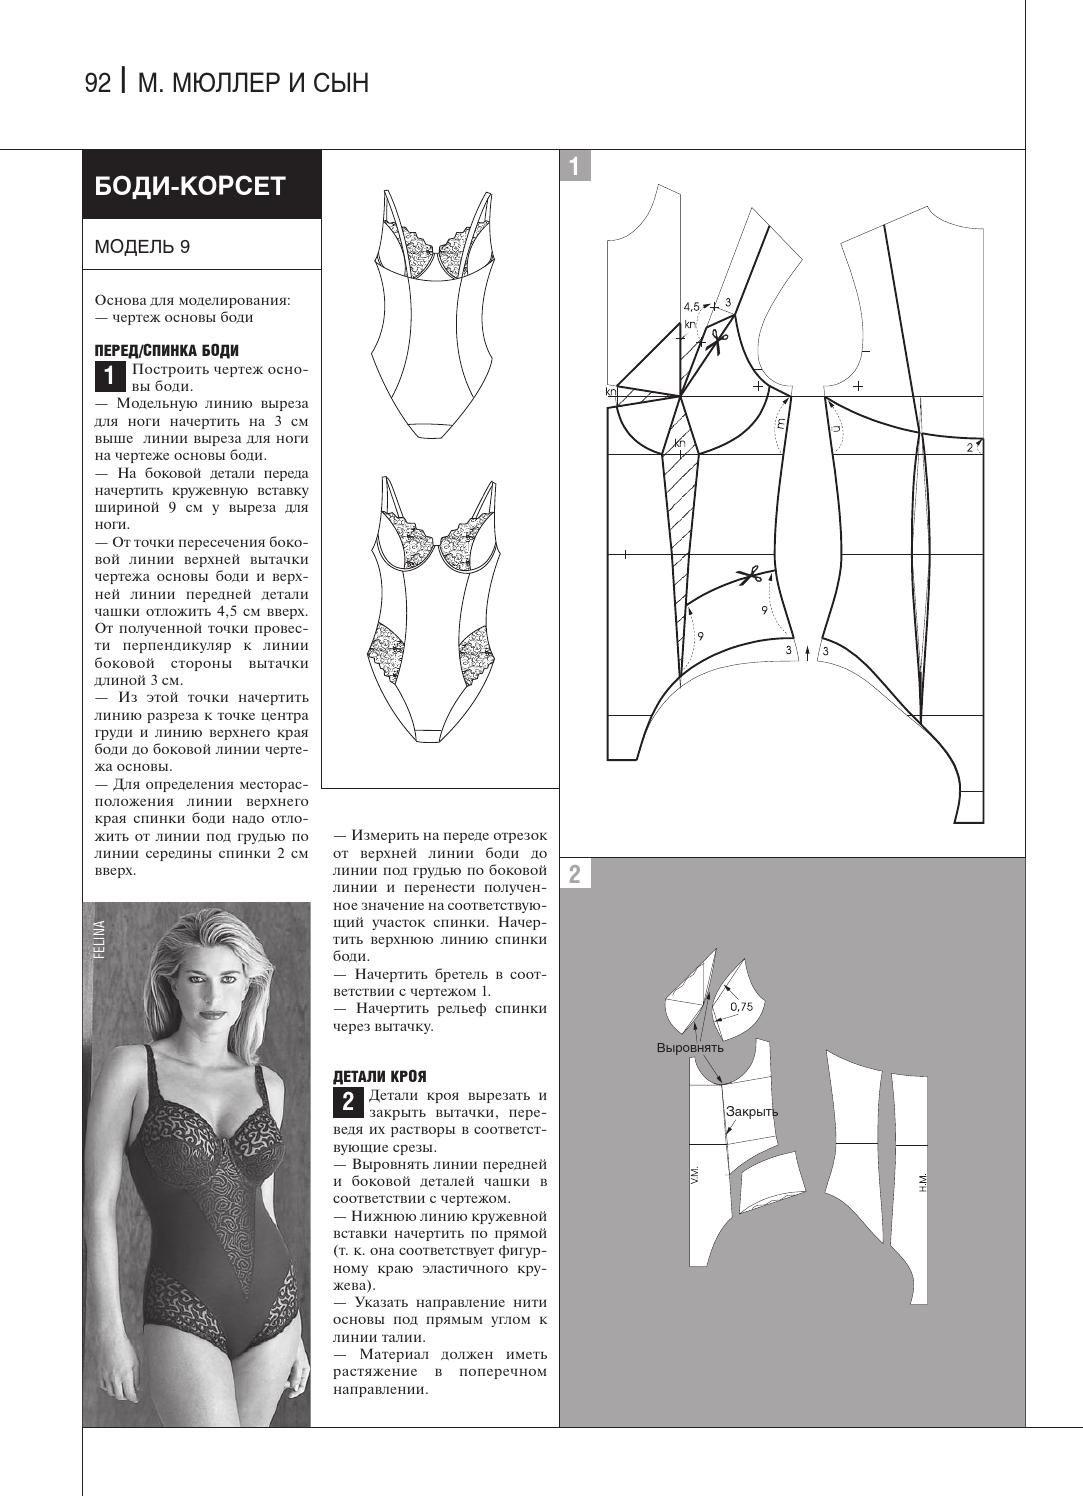 Мюллер женское белье и корсеты если мужчине нравится носить женское белье